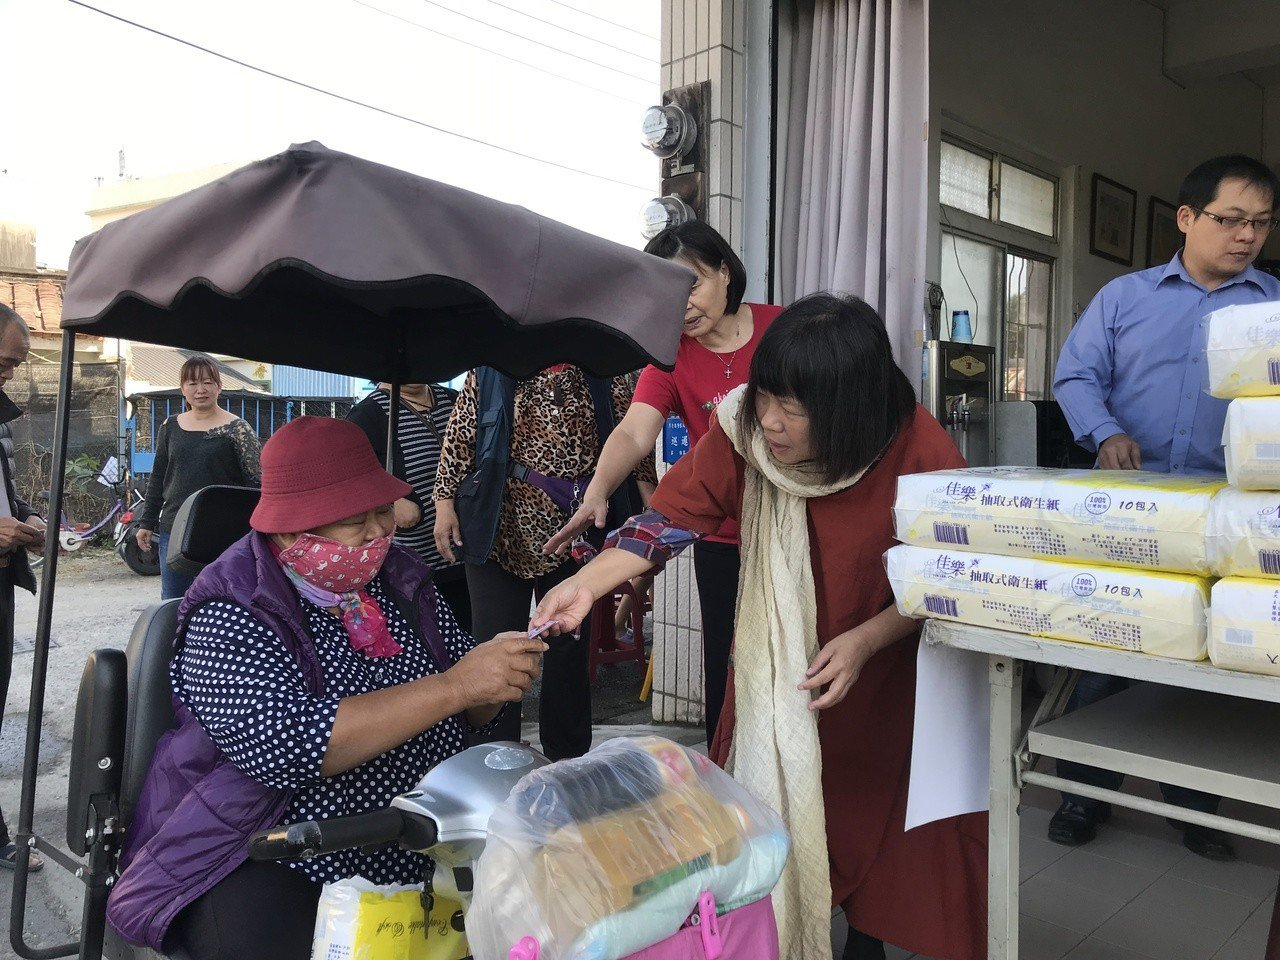 羅騰園今天上午也發放冬令物資給弱勢民眾。記者蔣繼平/攝影